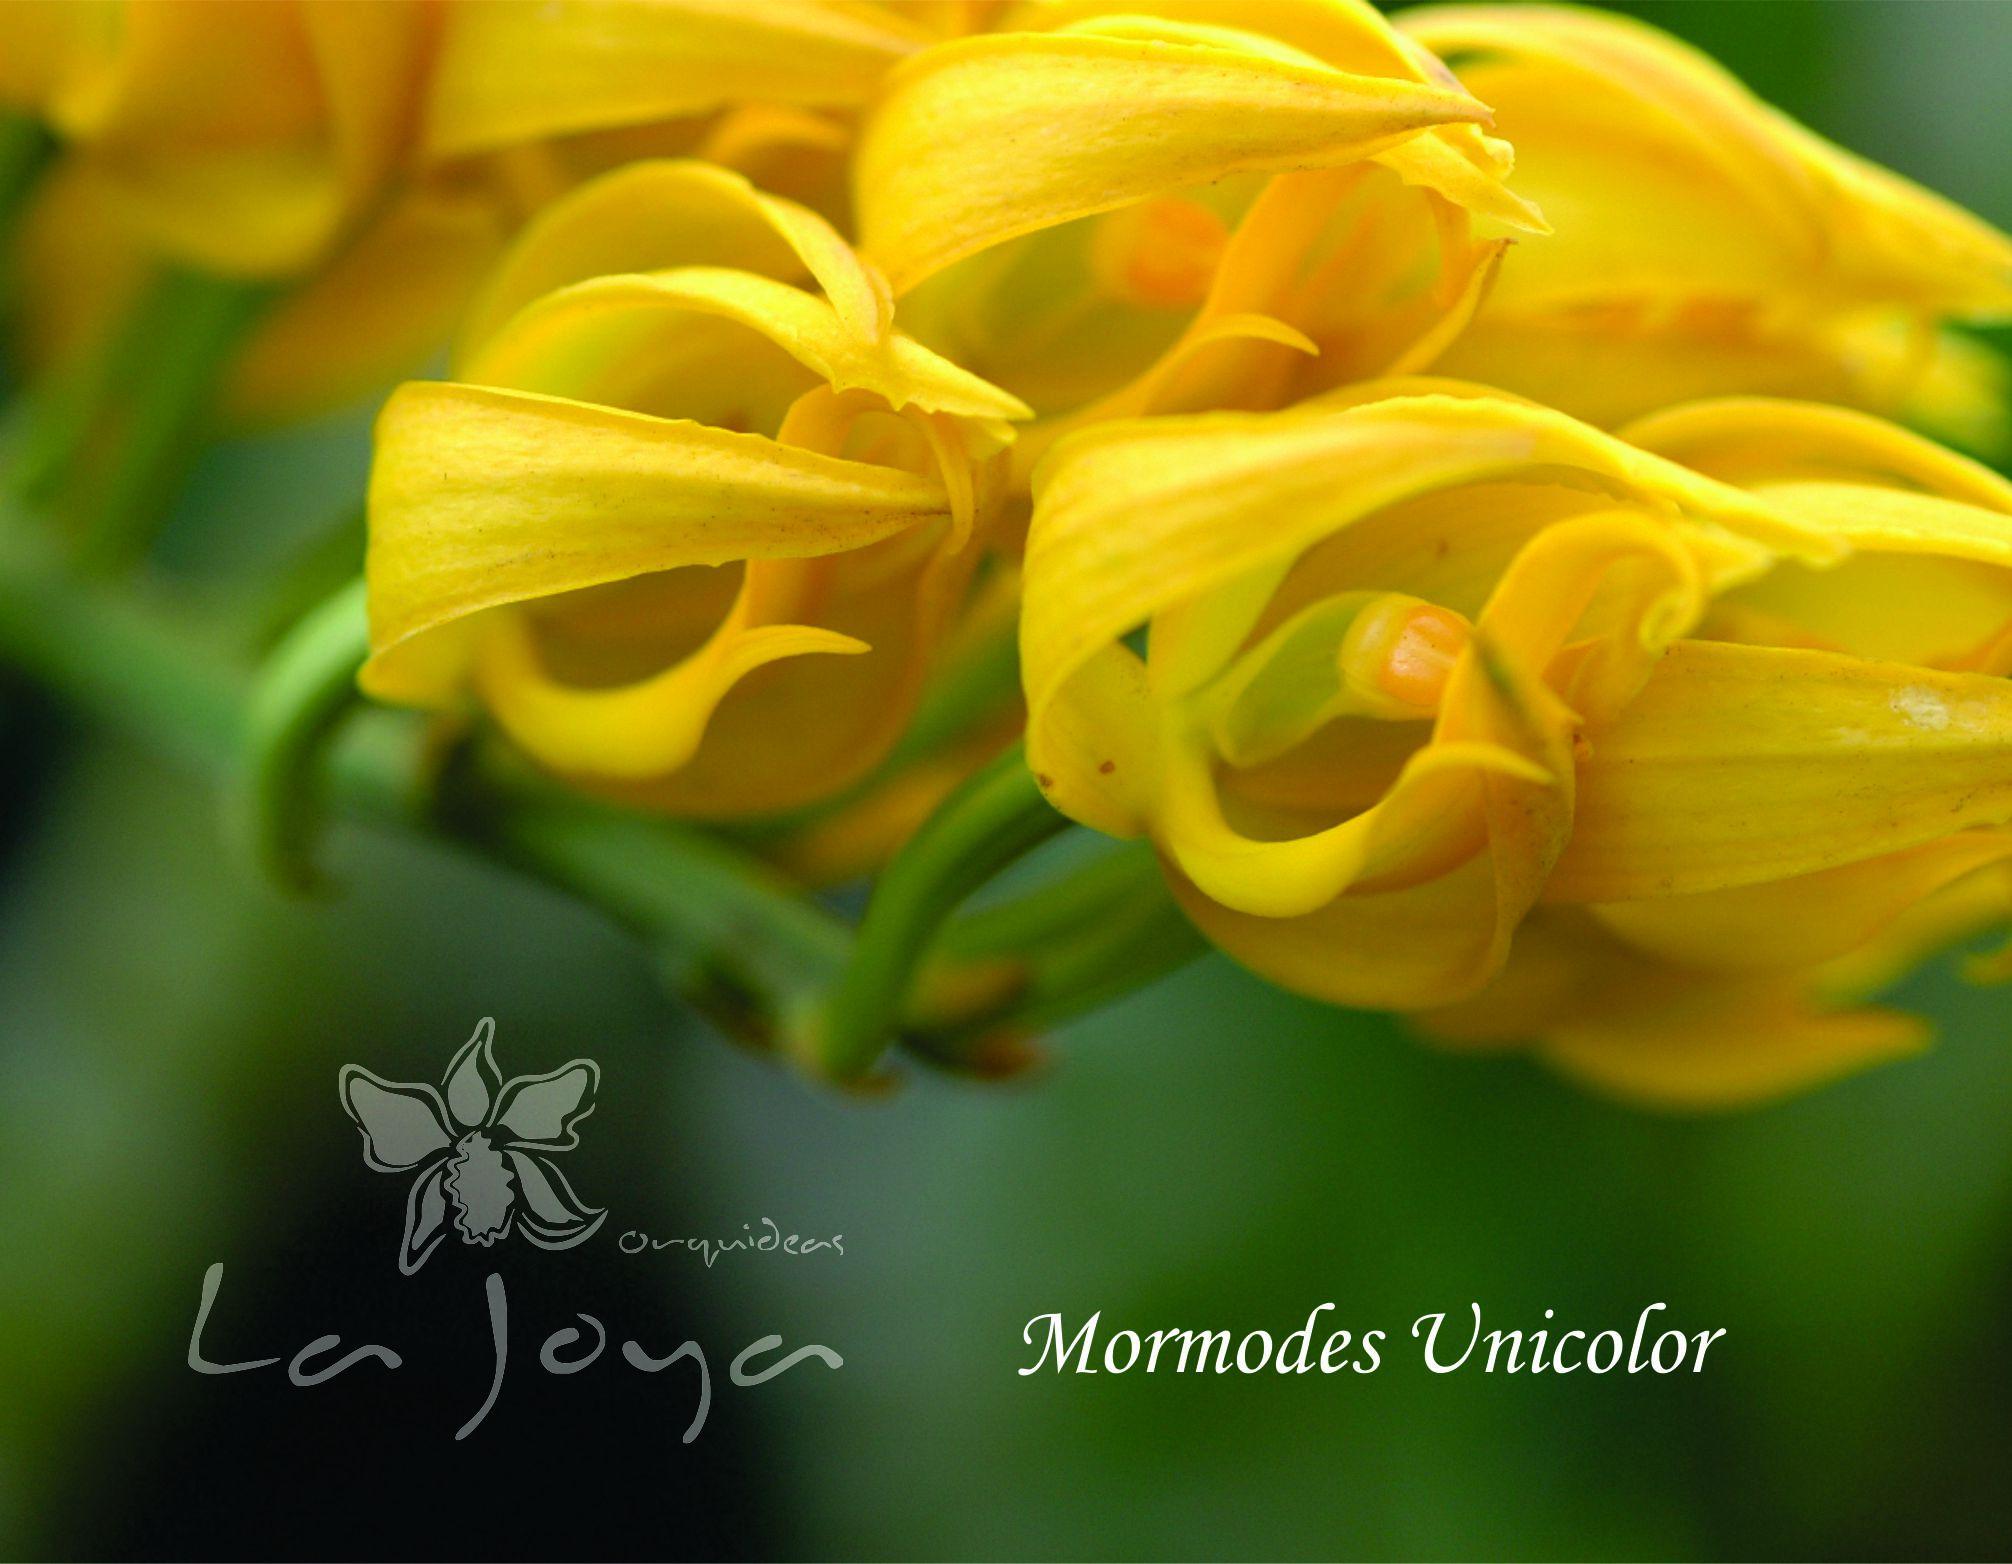 Mormodes Unicolor